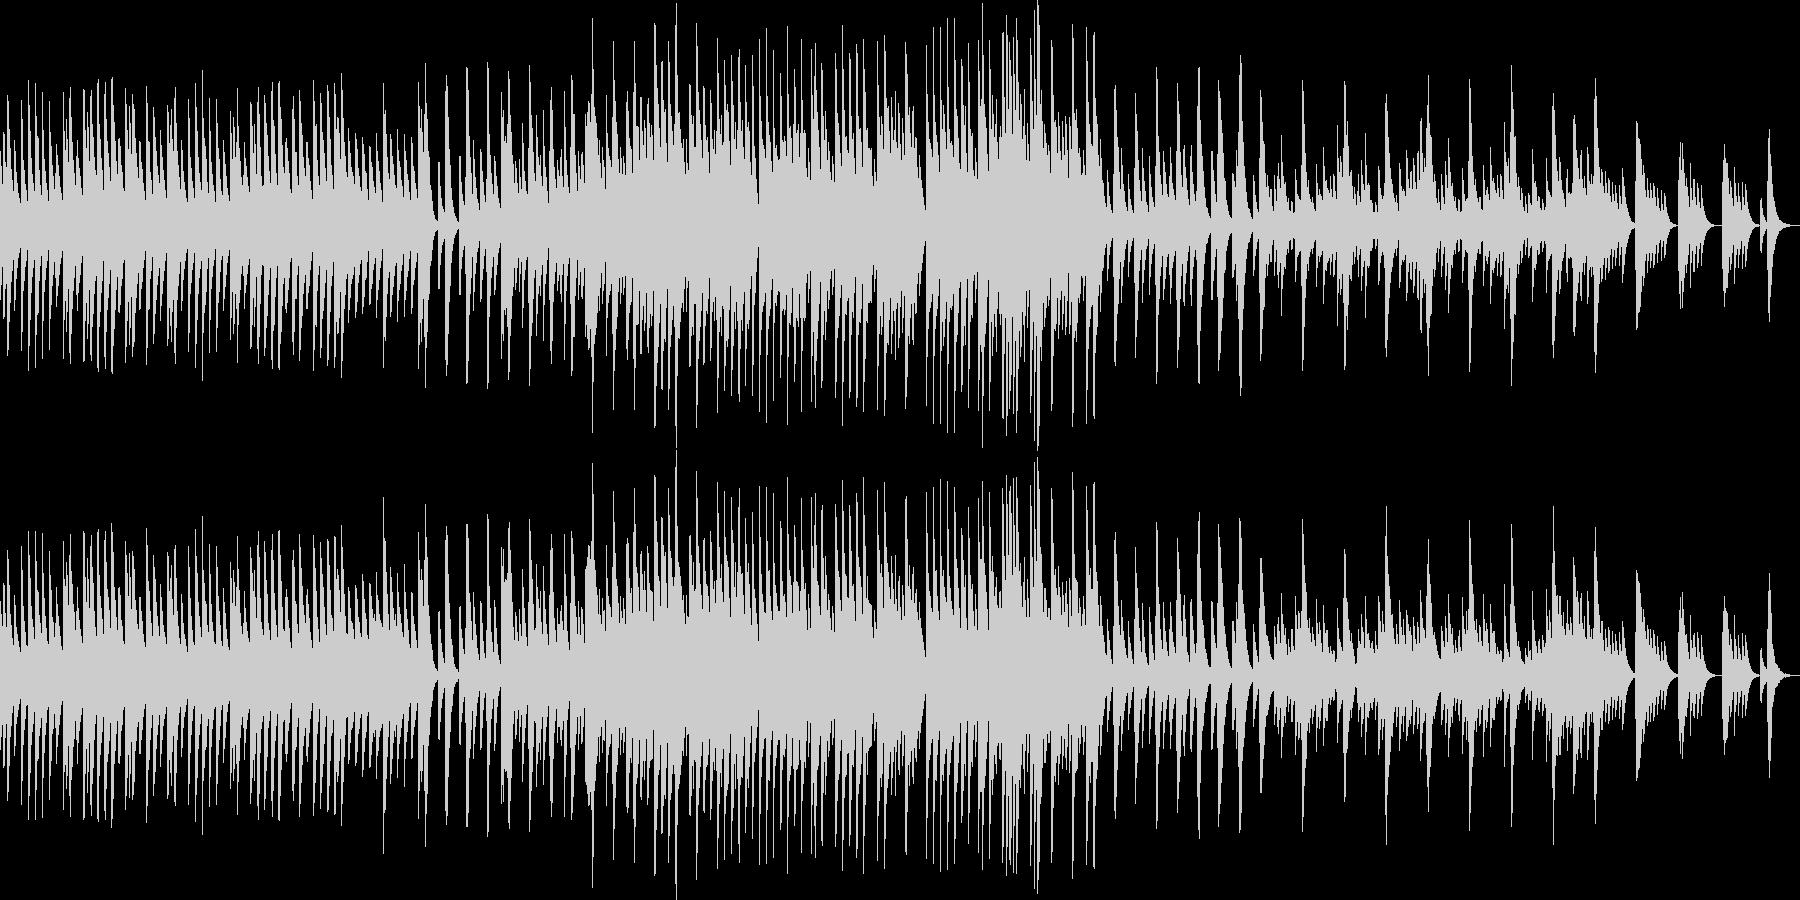 五日間の世界【優しい曲調のオルゴール曲】の未再生の波形